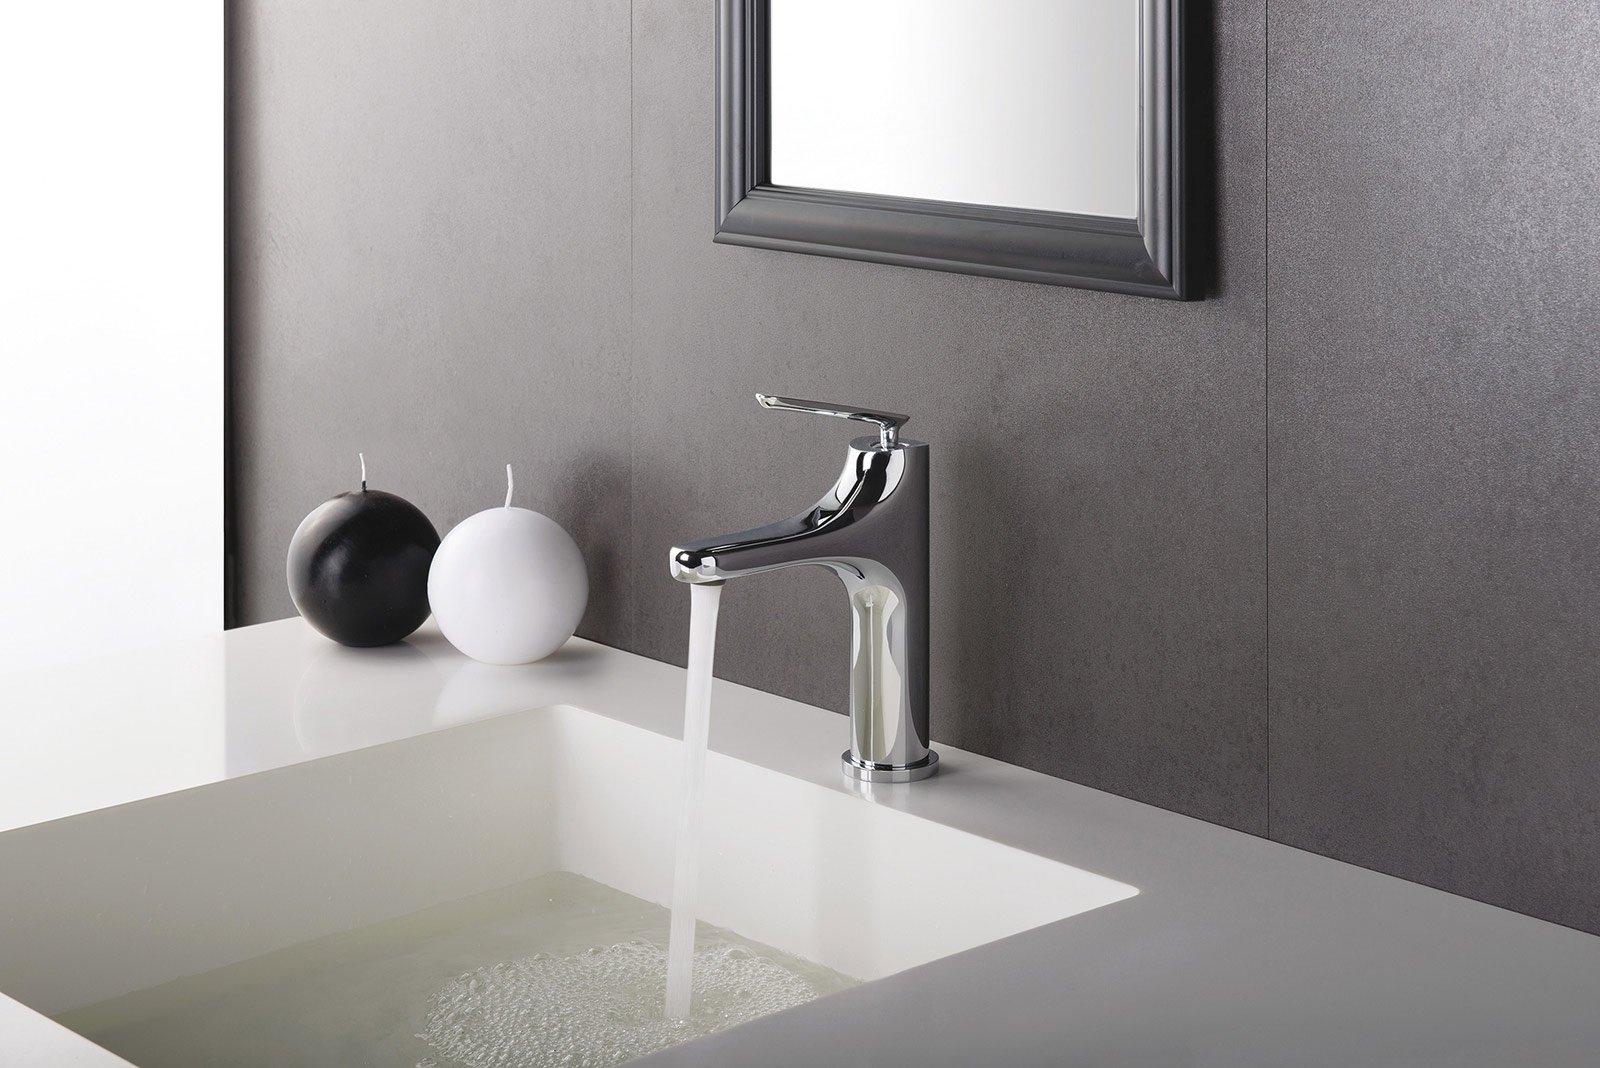 rubinetti a muro bagno leroy merlin: bagno. tiarch.com piastrelle ... - Leroy Merlin Rubinetti Bagno